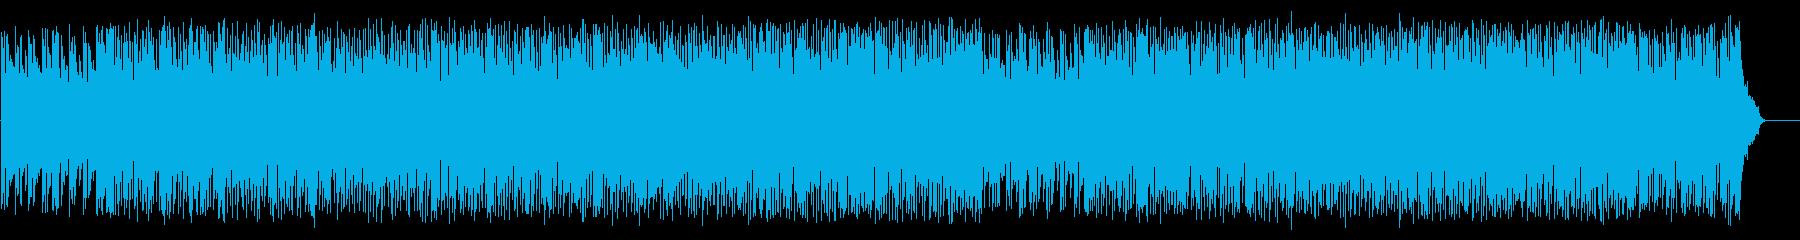 秋を感じる爽やかなポップ(フルサイズ)の再生済みの波形